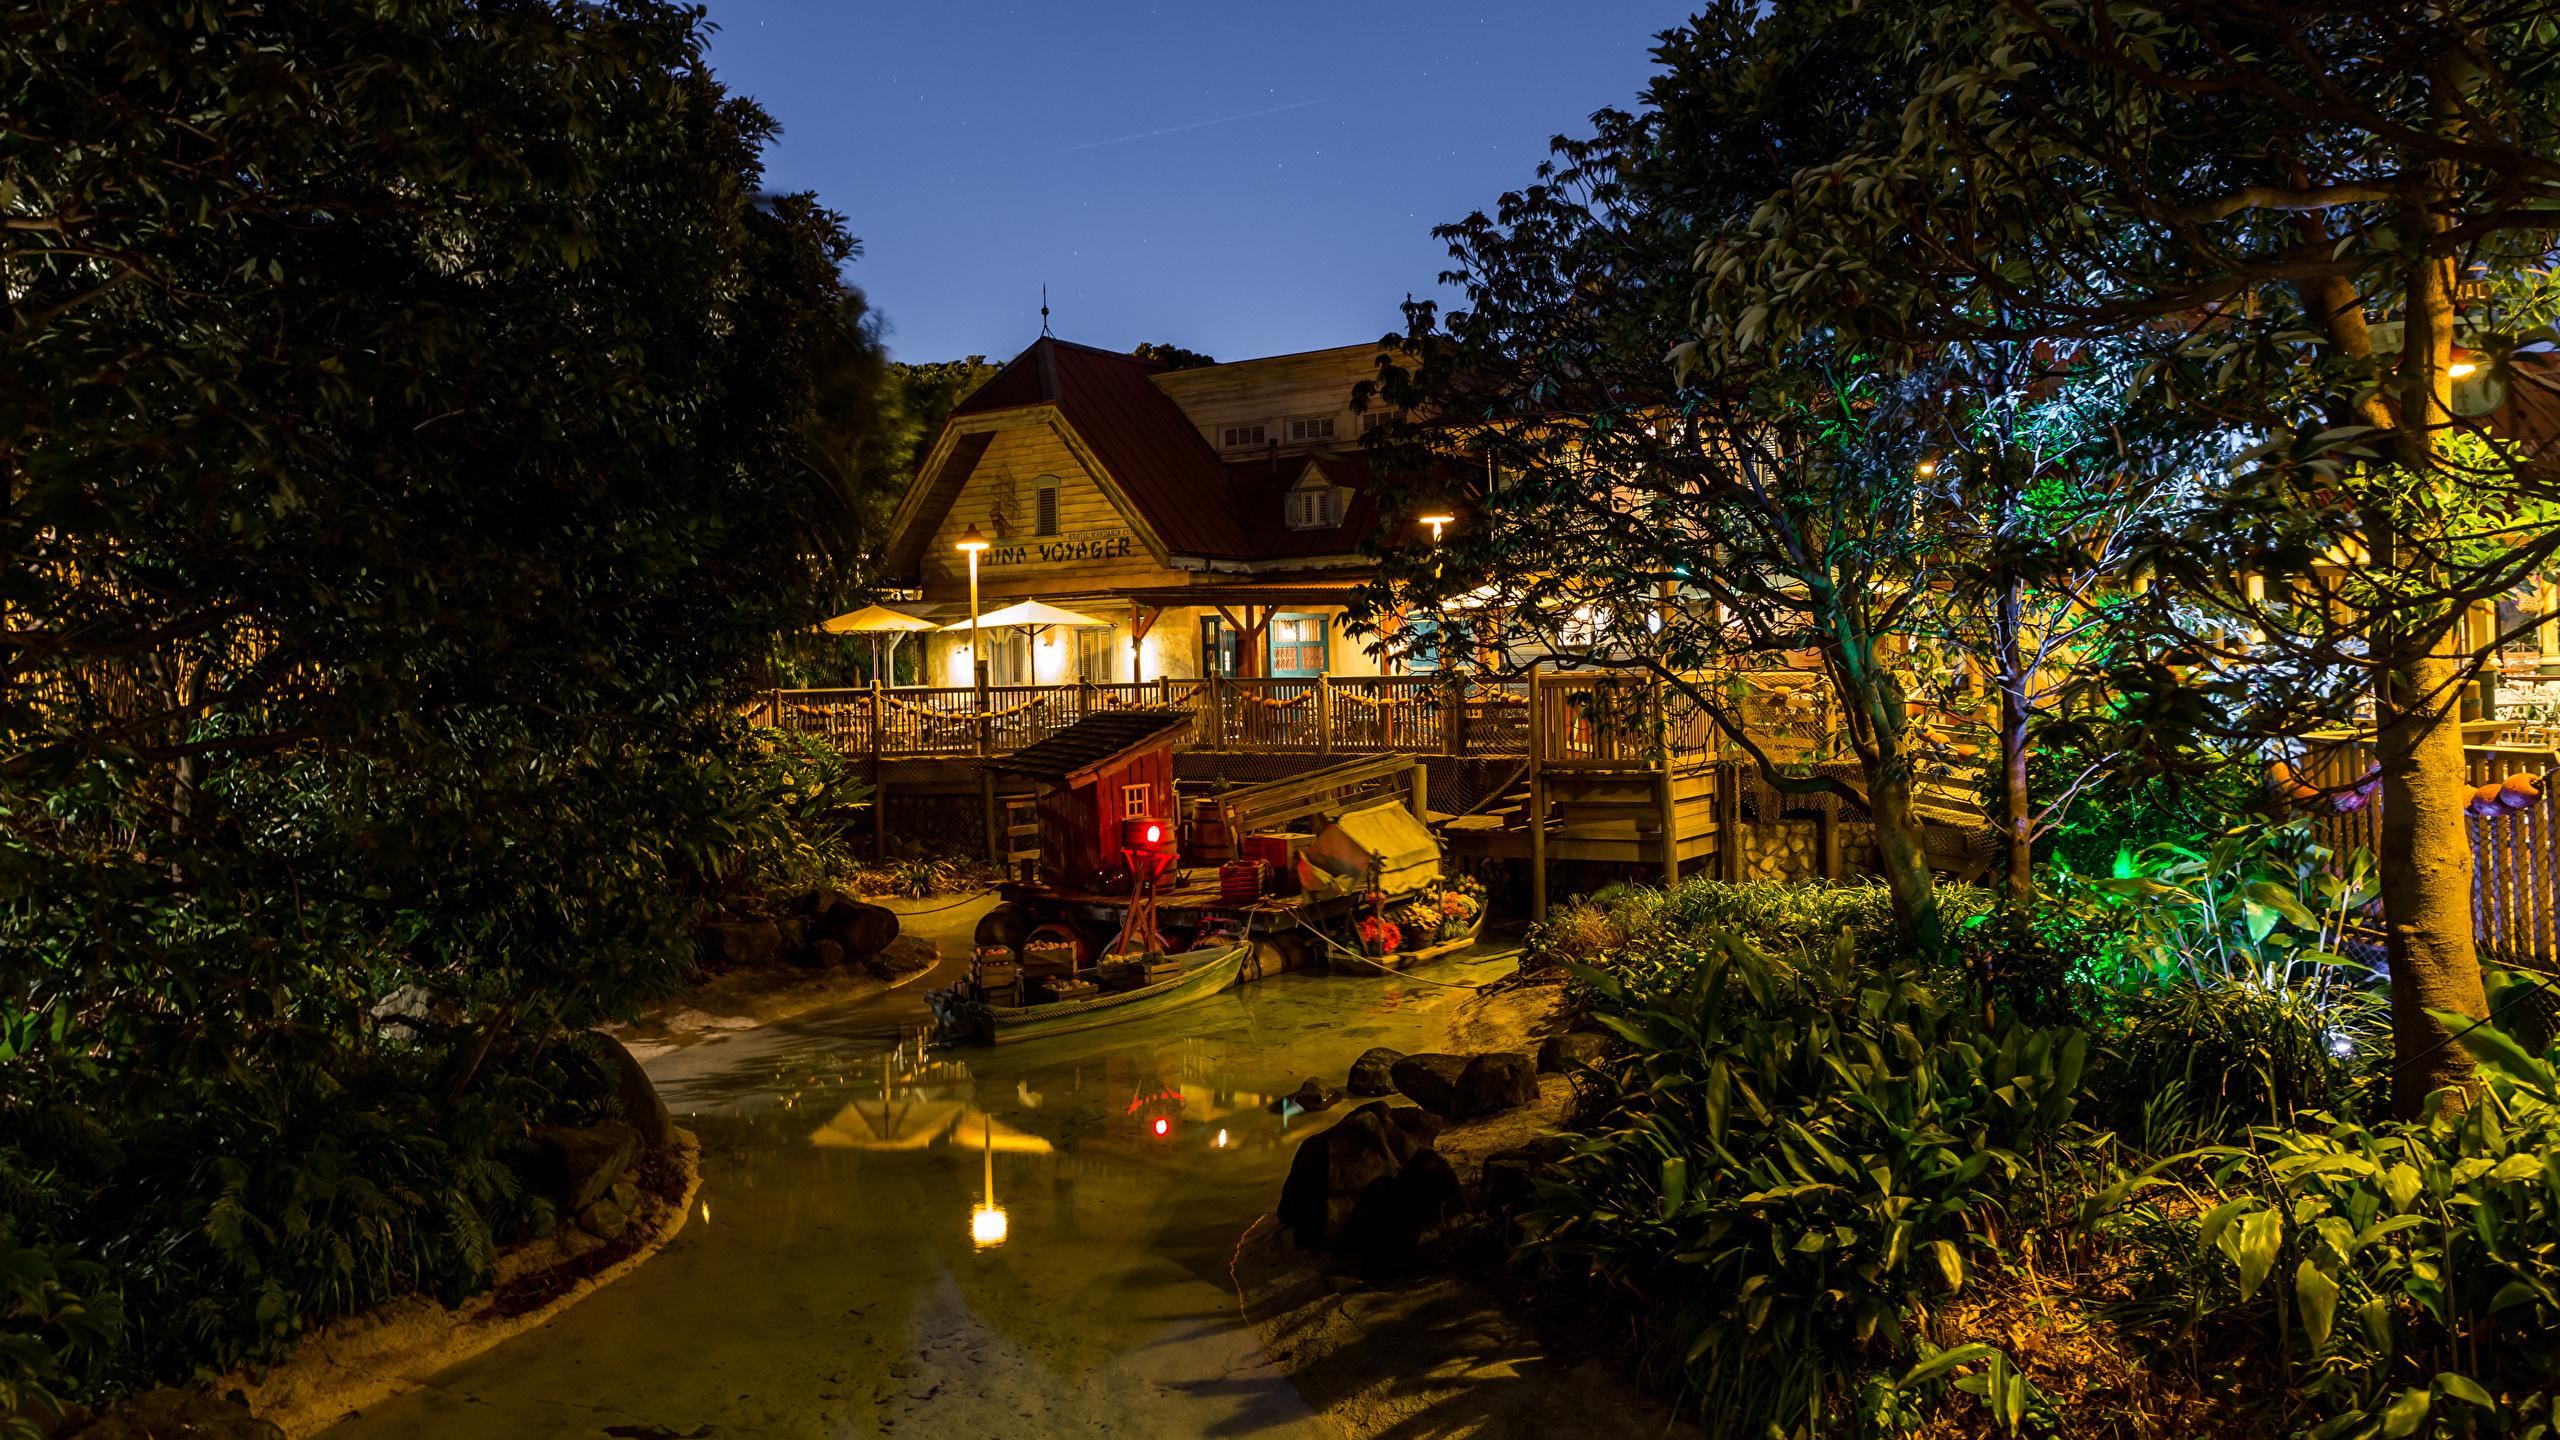 壁紙 2560x1440 日本 ディズニーランド 公園 住宅 池 デザイン 夜 木 自然 ダウンロード 写真